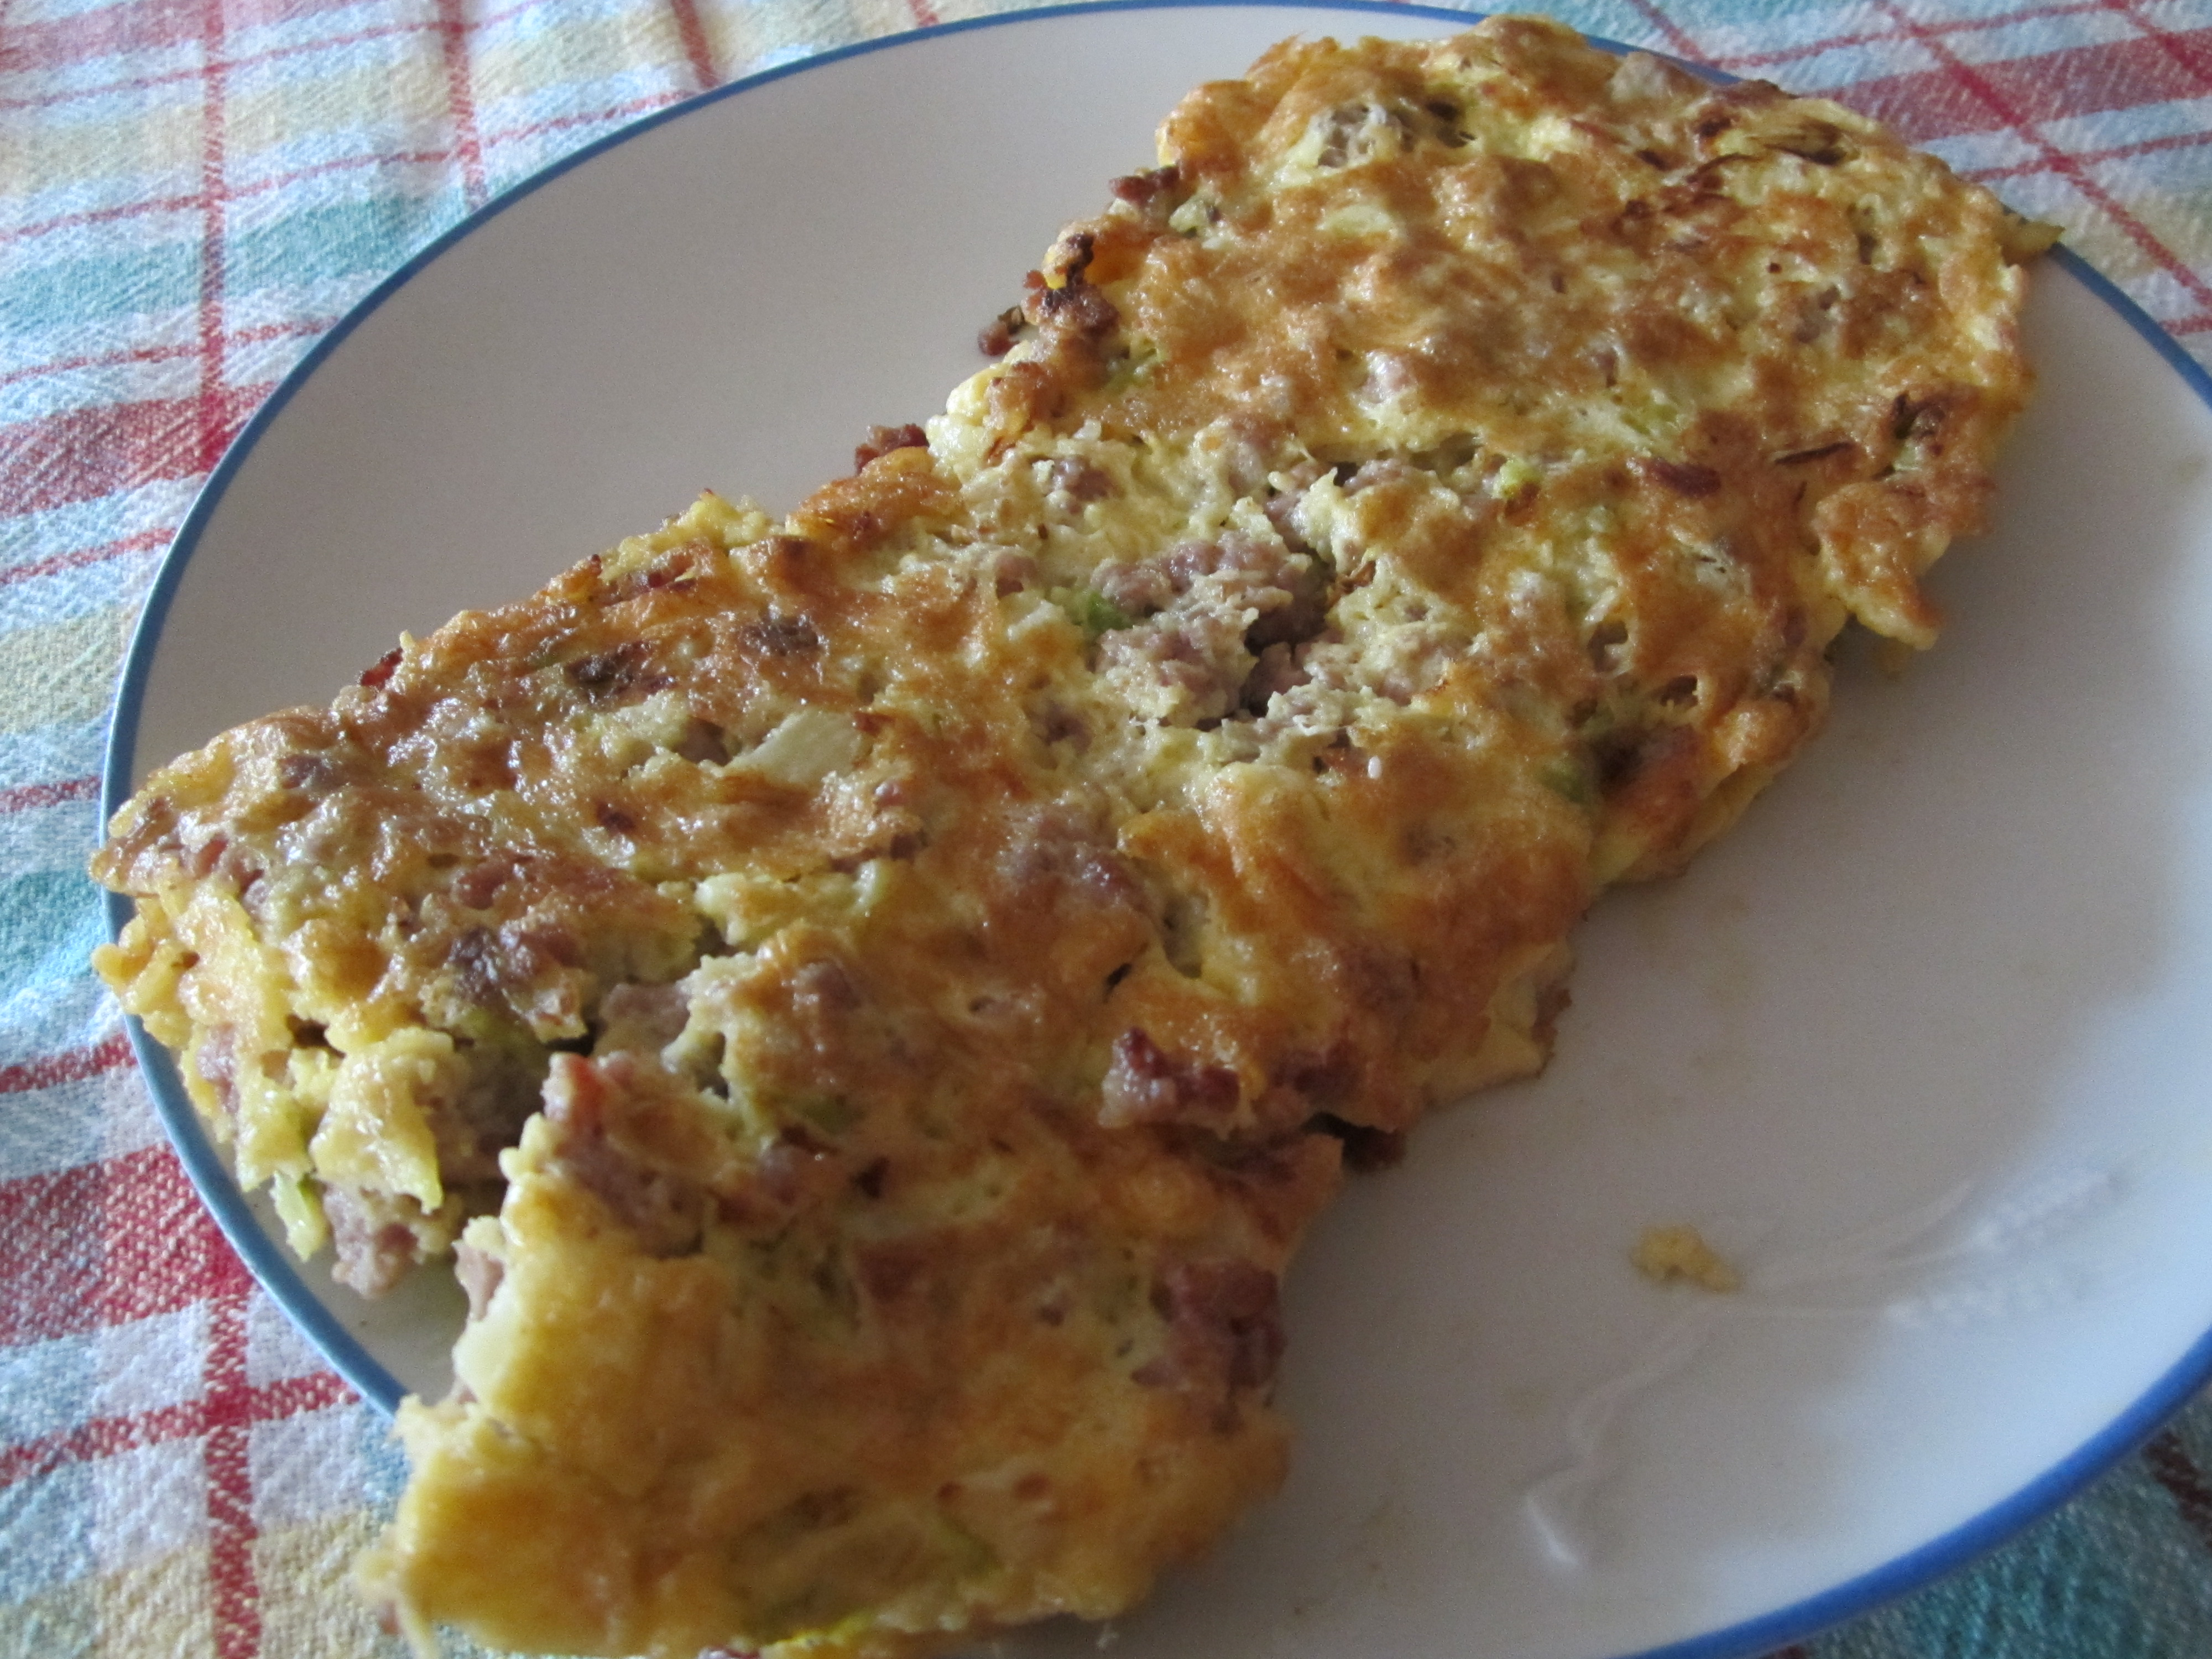 Ricette con salsiccia cucinare meglio share the knownledge - Come cucinare salsiccia ...